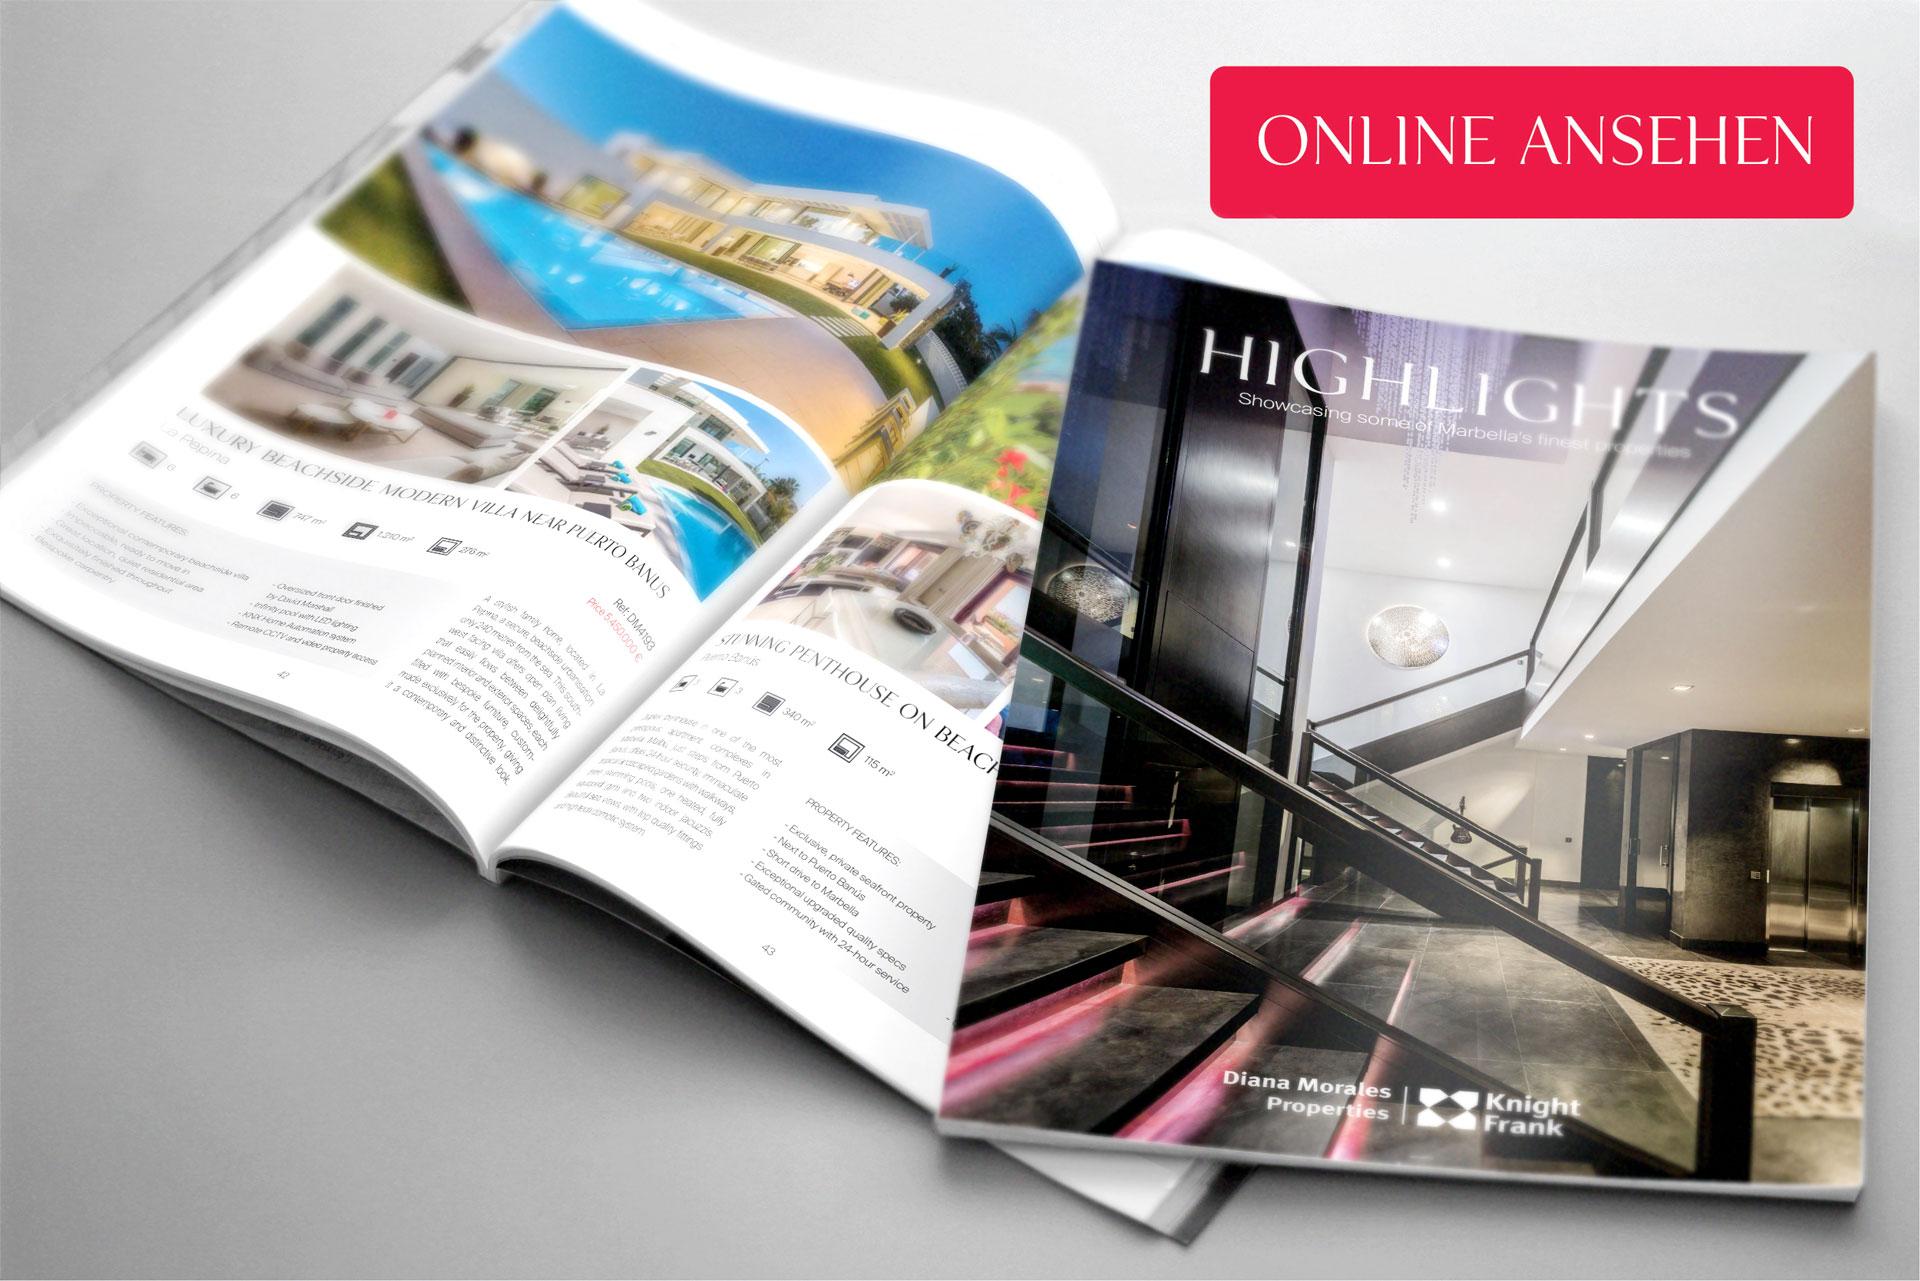 Neue ausgabe 2018 des highlights - das immobilienmagazin von Marbella